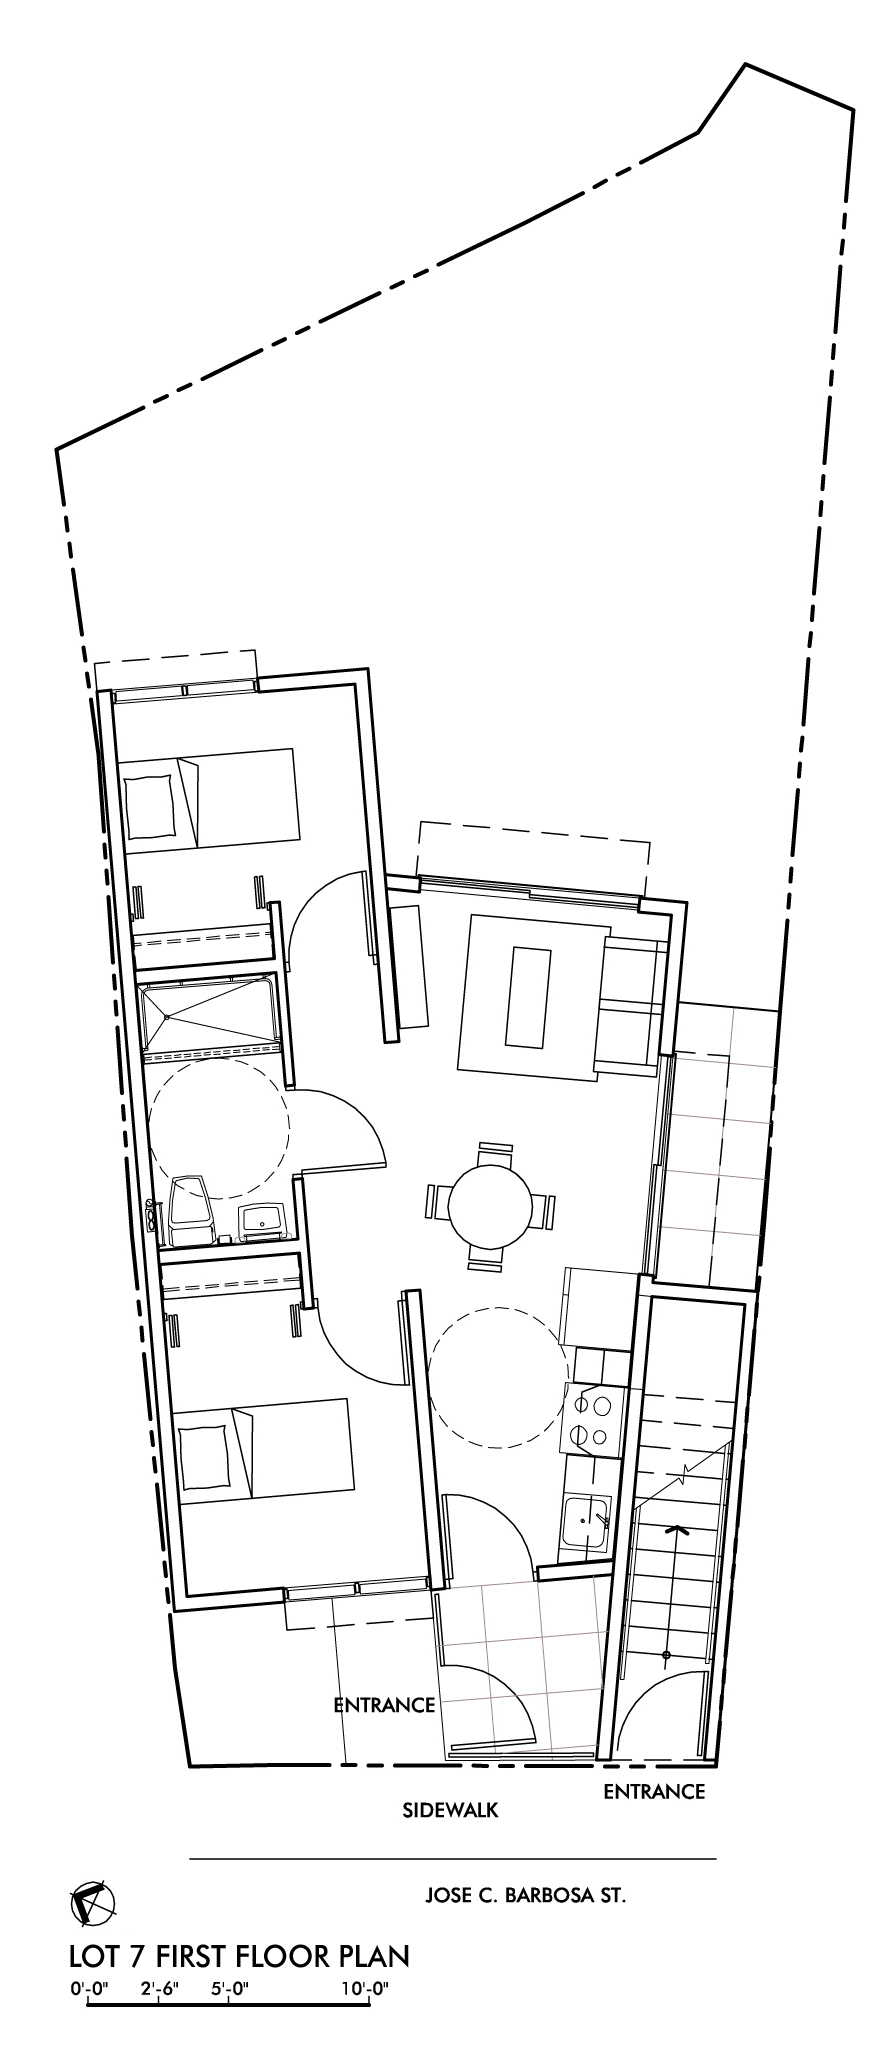 lote 7 first floor plan.jpg